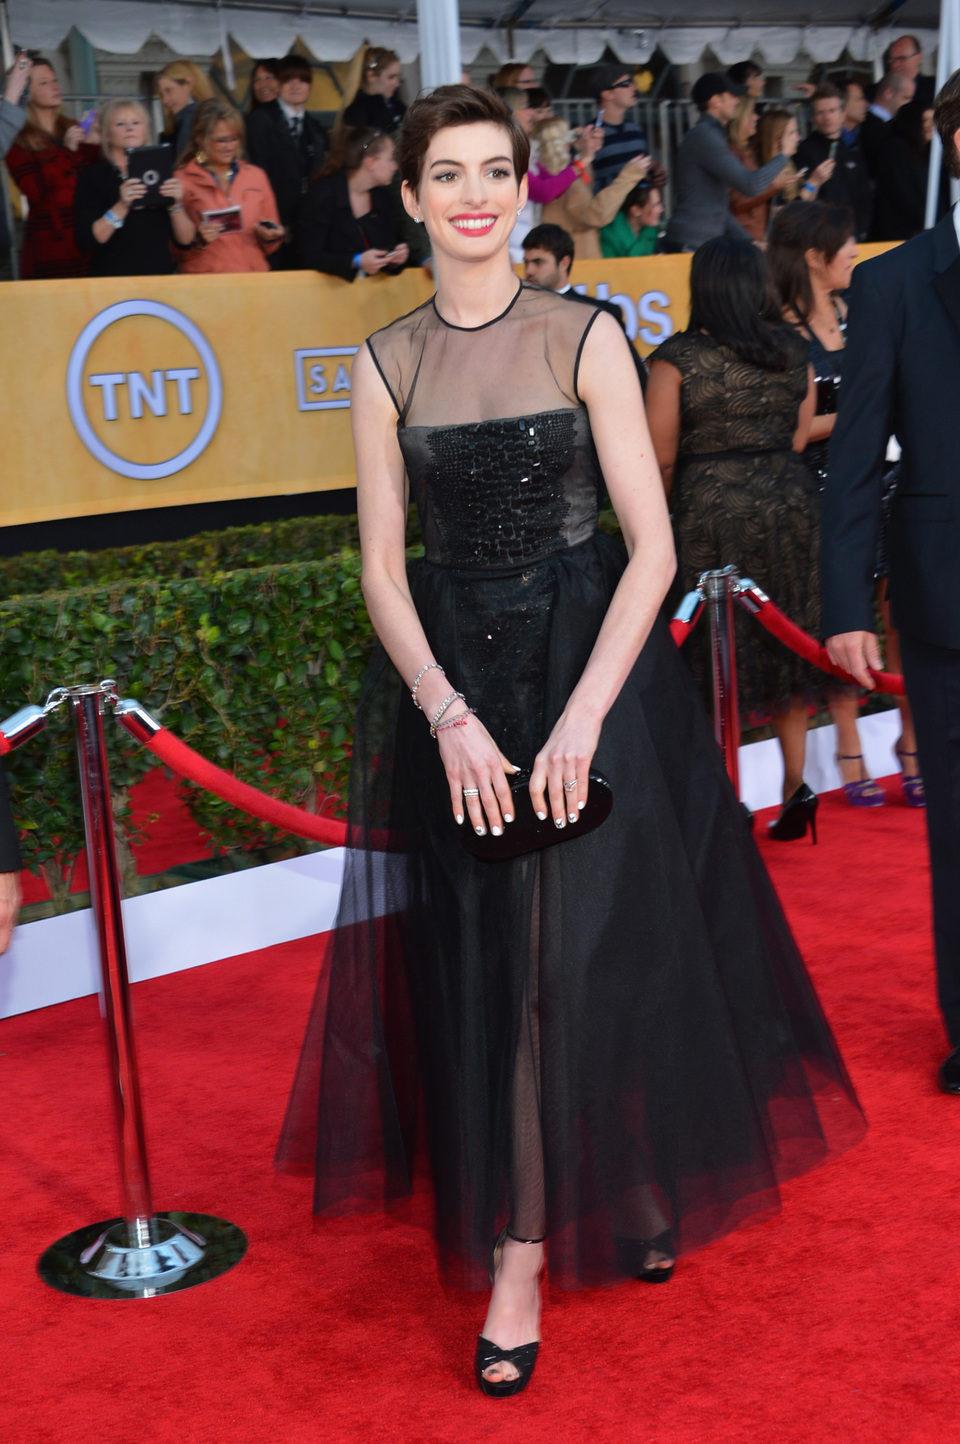 Anne Hathaway en la alfombra roja de los Screen Actors Guild Awards 2013